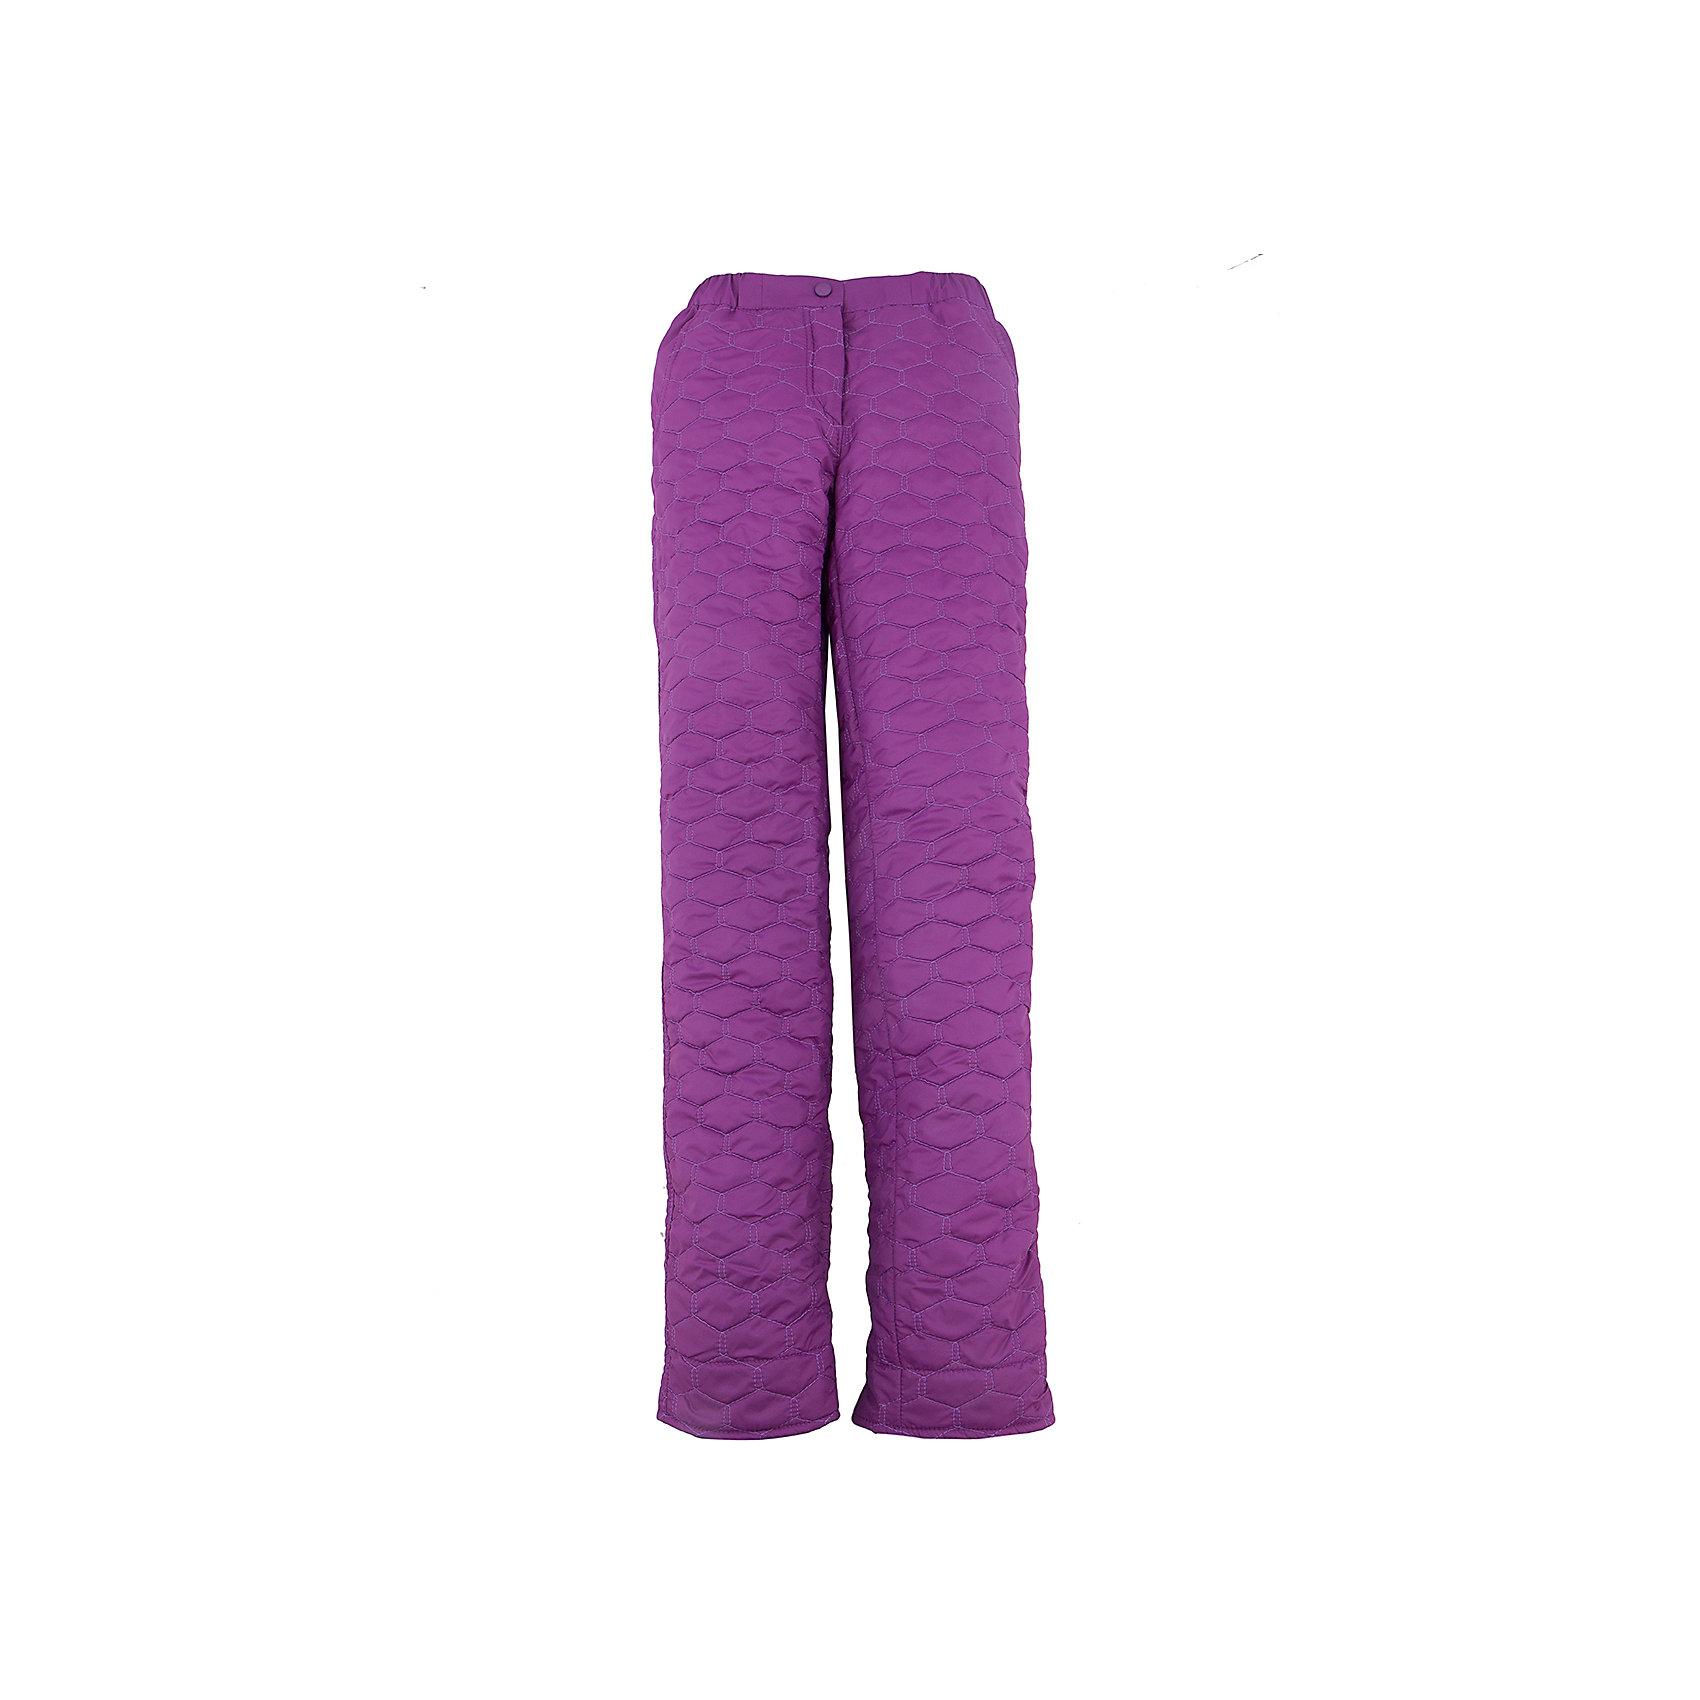 Брюки для девочки BOOM by OrbyВерхняя одежда<br>Характеристики товара:<br><br>• цвет: фиолетовый<br>• состав: 100% полиэстер; верх - таффета, подкладка - флис, без утеплителя<br>• температурный режим: от +15°до +5°С<br>• стеганые<br>• до 122 роста комплектуются съемными эластичными бретелями.<br>• с 128 роста есть регулировка по полноте и ширинка.<br>• карманы<br>• комфортная посадка<br>• страна производства: Российская Федерация<br>• страна бренда: Российская Федерация<br>• коллекция: весна-лето 2017<br><br><br>Такие брюки - универсальный вариант для межсезонья с постоянно меняющейся погодой. Эта модель - модная и удобная одновременно! Изделие отличается стильным продуманным дизайном. Брюки хорошо сидят по фигуре, отлично сочетаются с различным верхом. Вещь была разработана специально для детей.<br><br>Одежда от российского бренда BOOM by Orby уже завоевала популярностью у многих детей и их родителей. Вещи, выпускаемые компанией, качественные, продуманные и очень удобные. Для производства коллекций используются только безопасные для детей материалы. Спешите приобрести модели из новой коллекции Весна-лето 2017! <br><br>Брюки для девочки от бренда BOOM by Orby можно купить в нашем интернет-магазине.<br><br>Ширина мм: 215<br>Глубина мм: 88<br>Высота мм: 191<br>Вес г: 336<br>Цвет: лиловый<br>Возраст от месяцев: 144<br>Возраст до месяцев: 156<br>Пол: Женский<br>Возраст: Детский<br>Размер: 158,104,110,92,98,116,122,128,134,140,146,152<br>SKU: 5343617